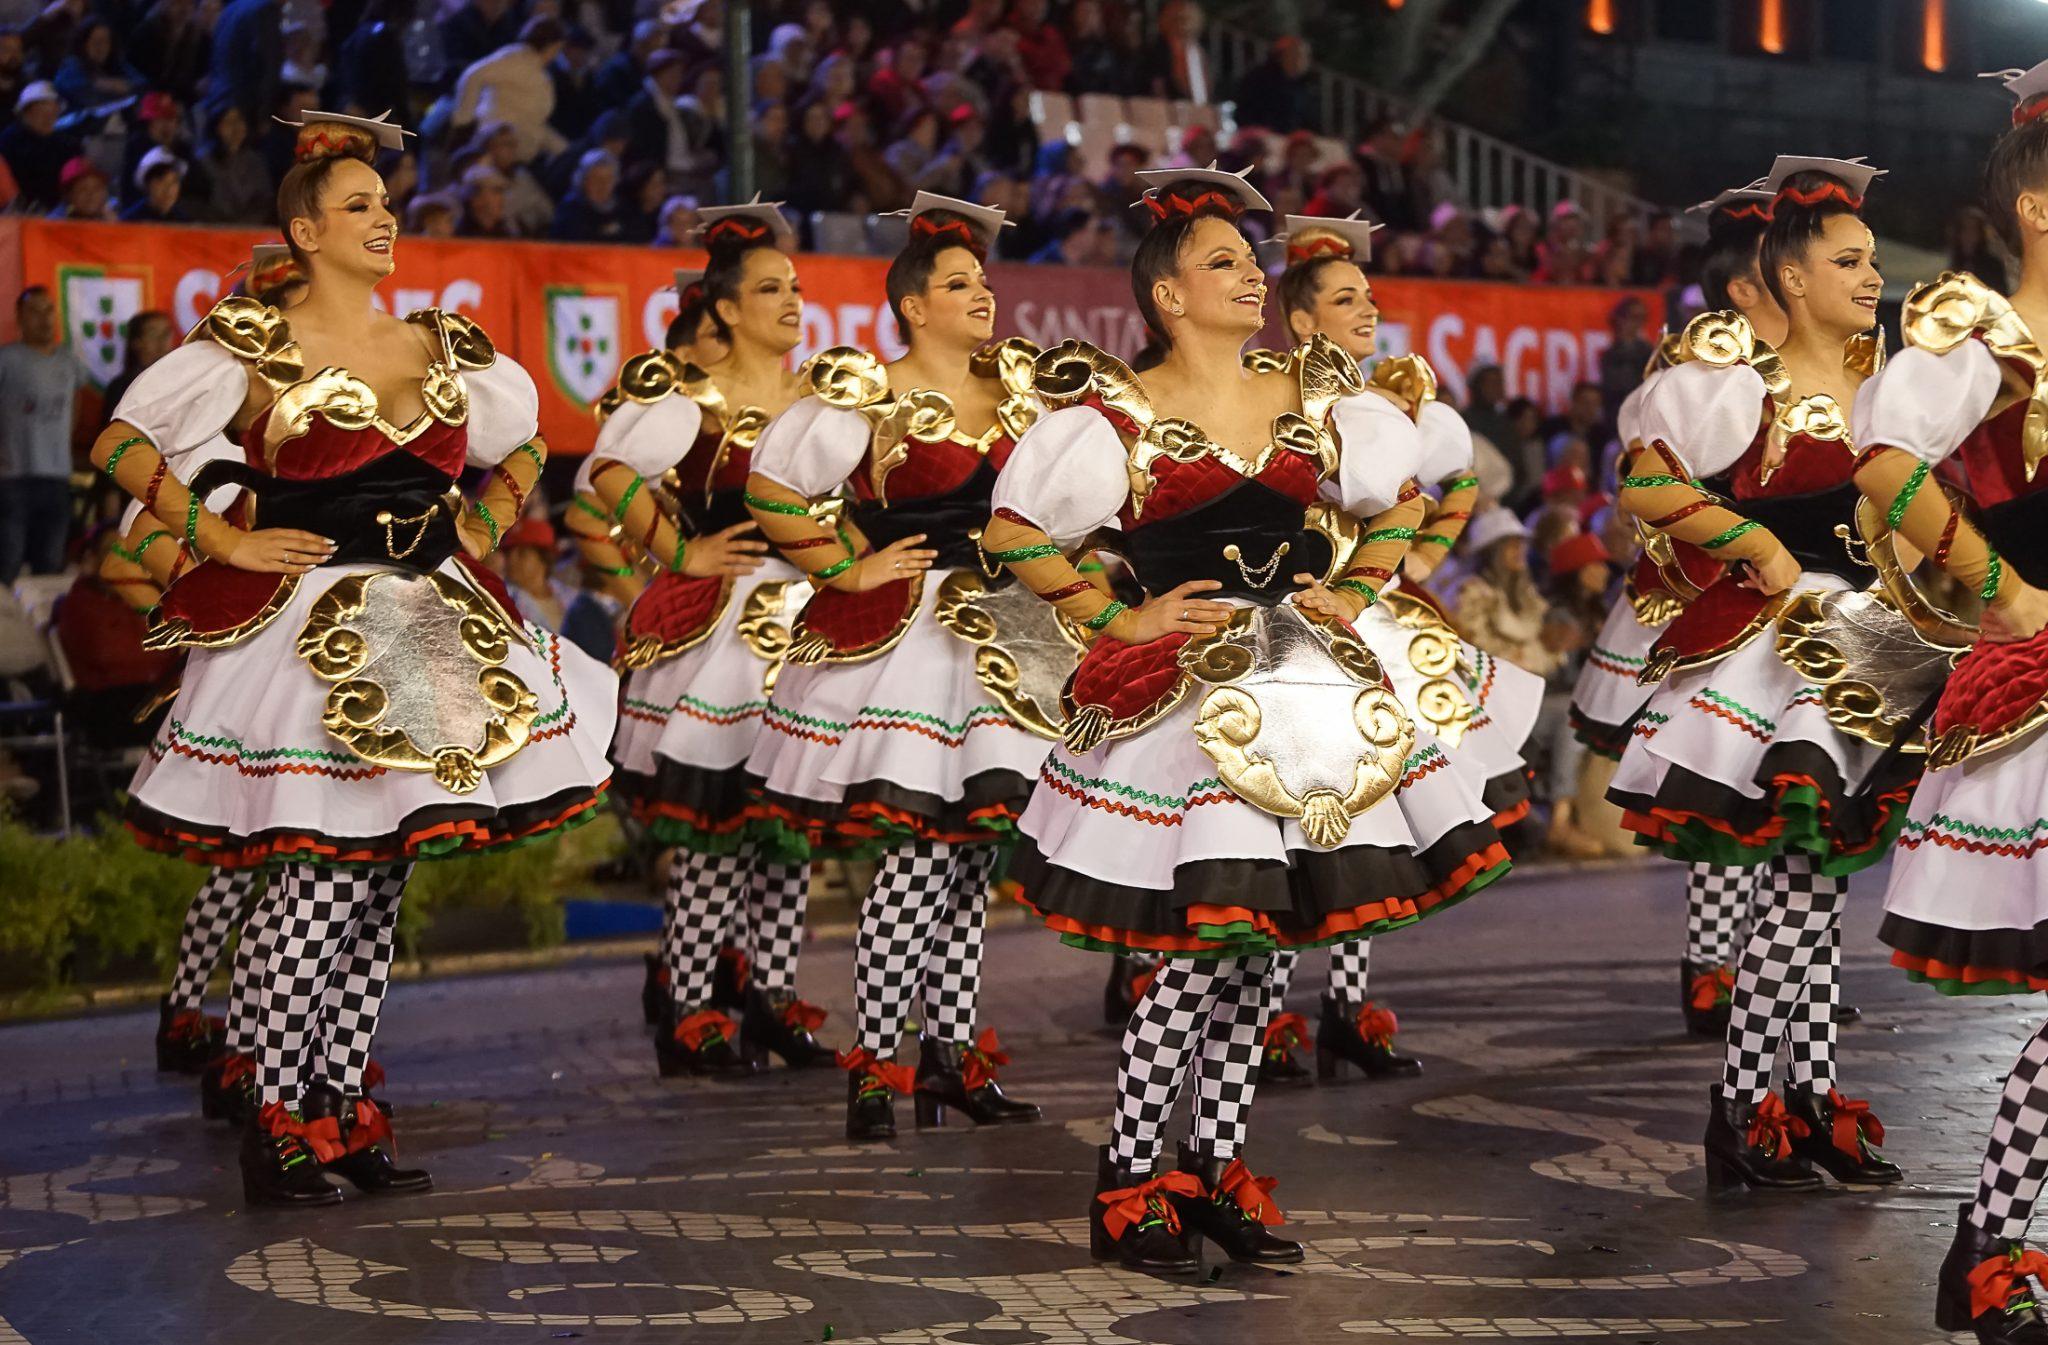 Mulheres, de lado para o observador, marcham com as mãos à cintura. Estão vestidas com uma saia rodada em branco e pormenores pretos, vermelhos, verdes e dourados.